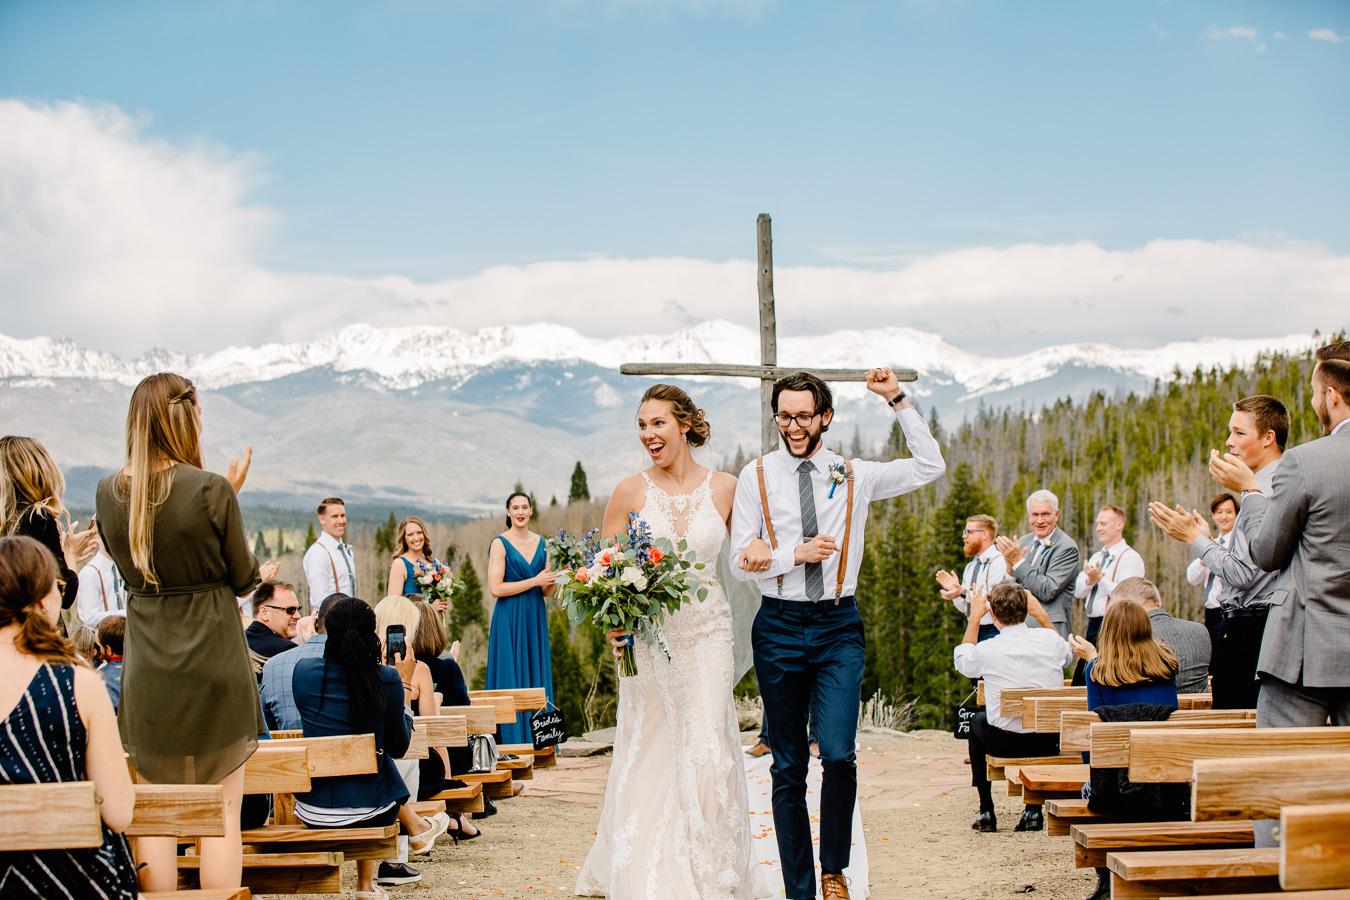 01-snow-mountain-ranch-winter-park-colorado-mountain-wedding-nathan-kayla-1028.jpg